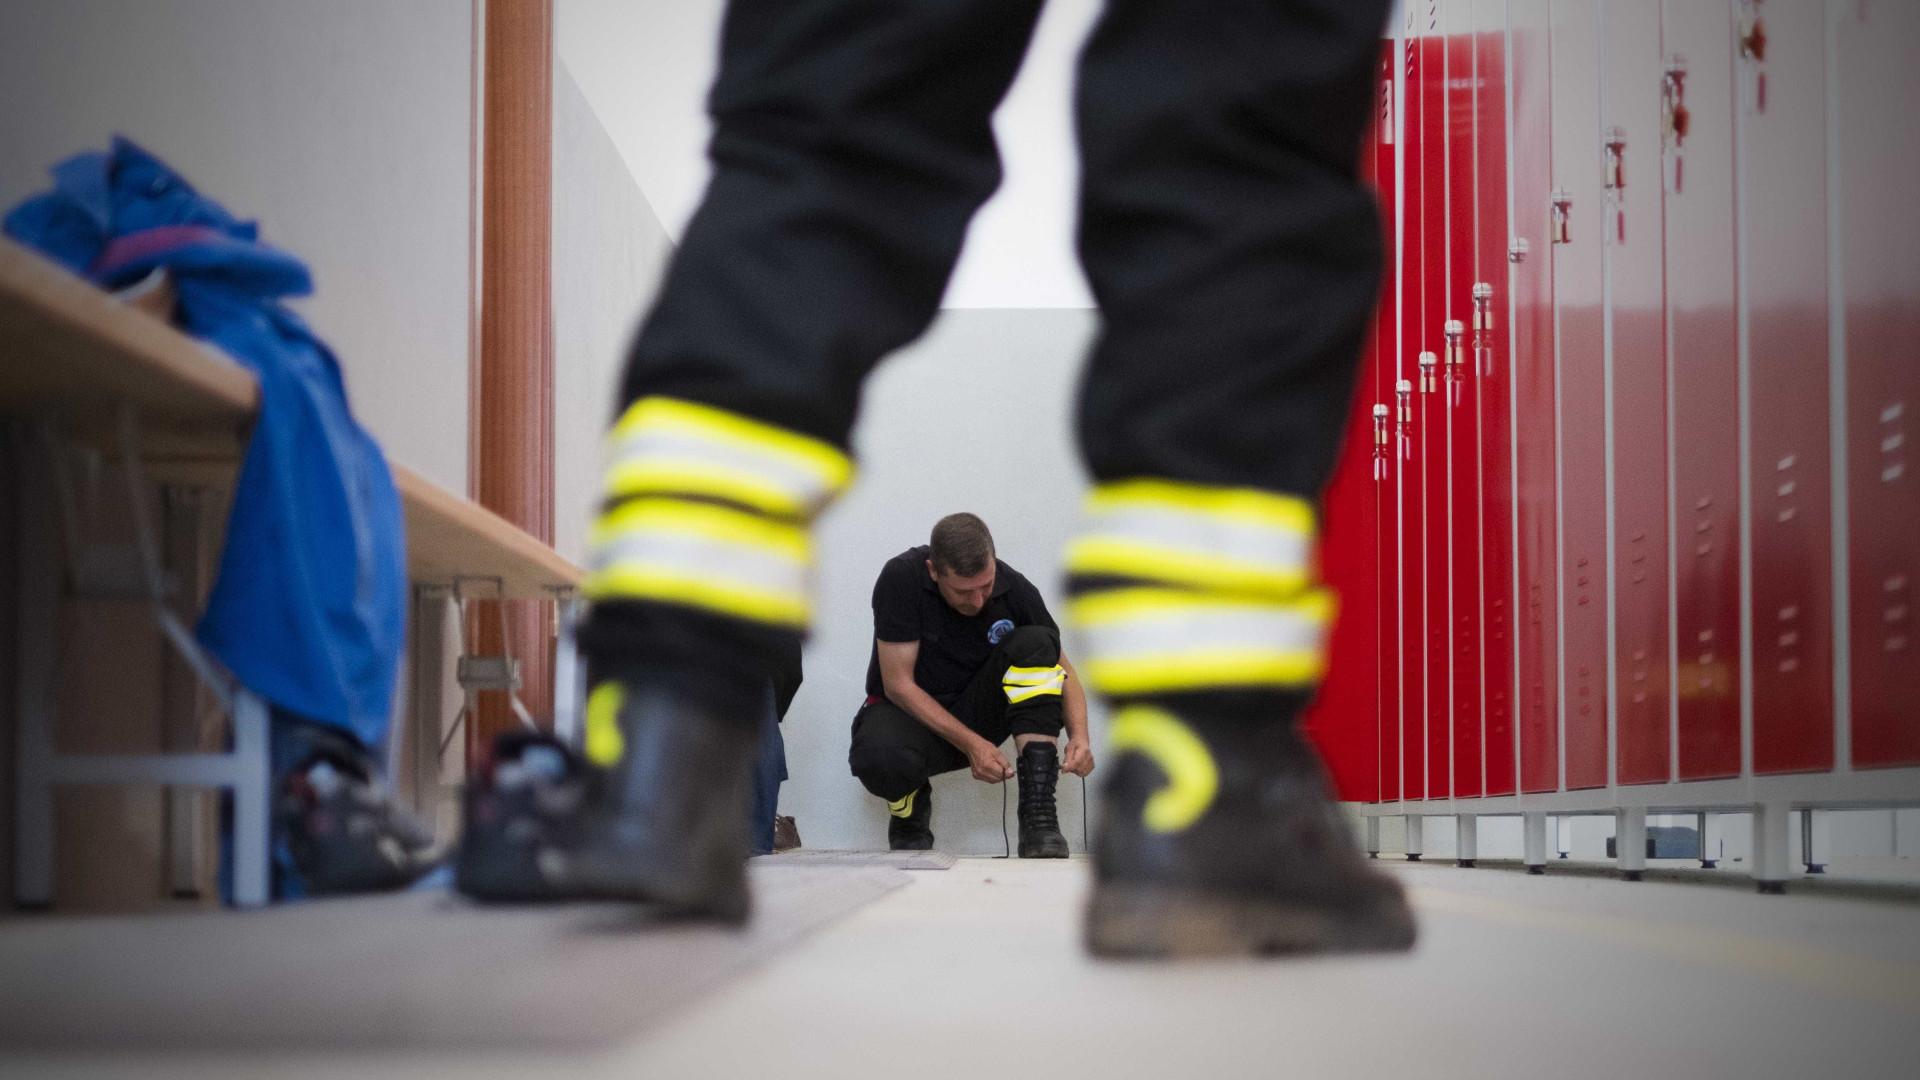 Proteção Civil reforça meios em Santa Maria devido ao furação Ophelia